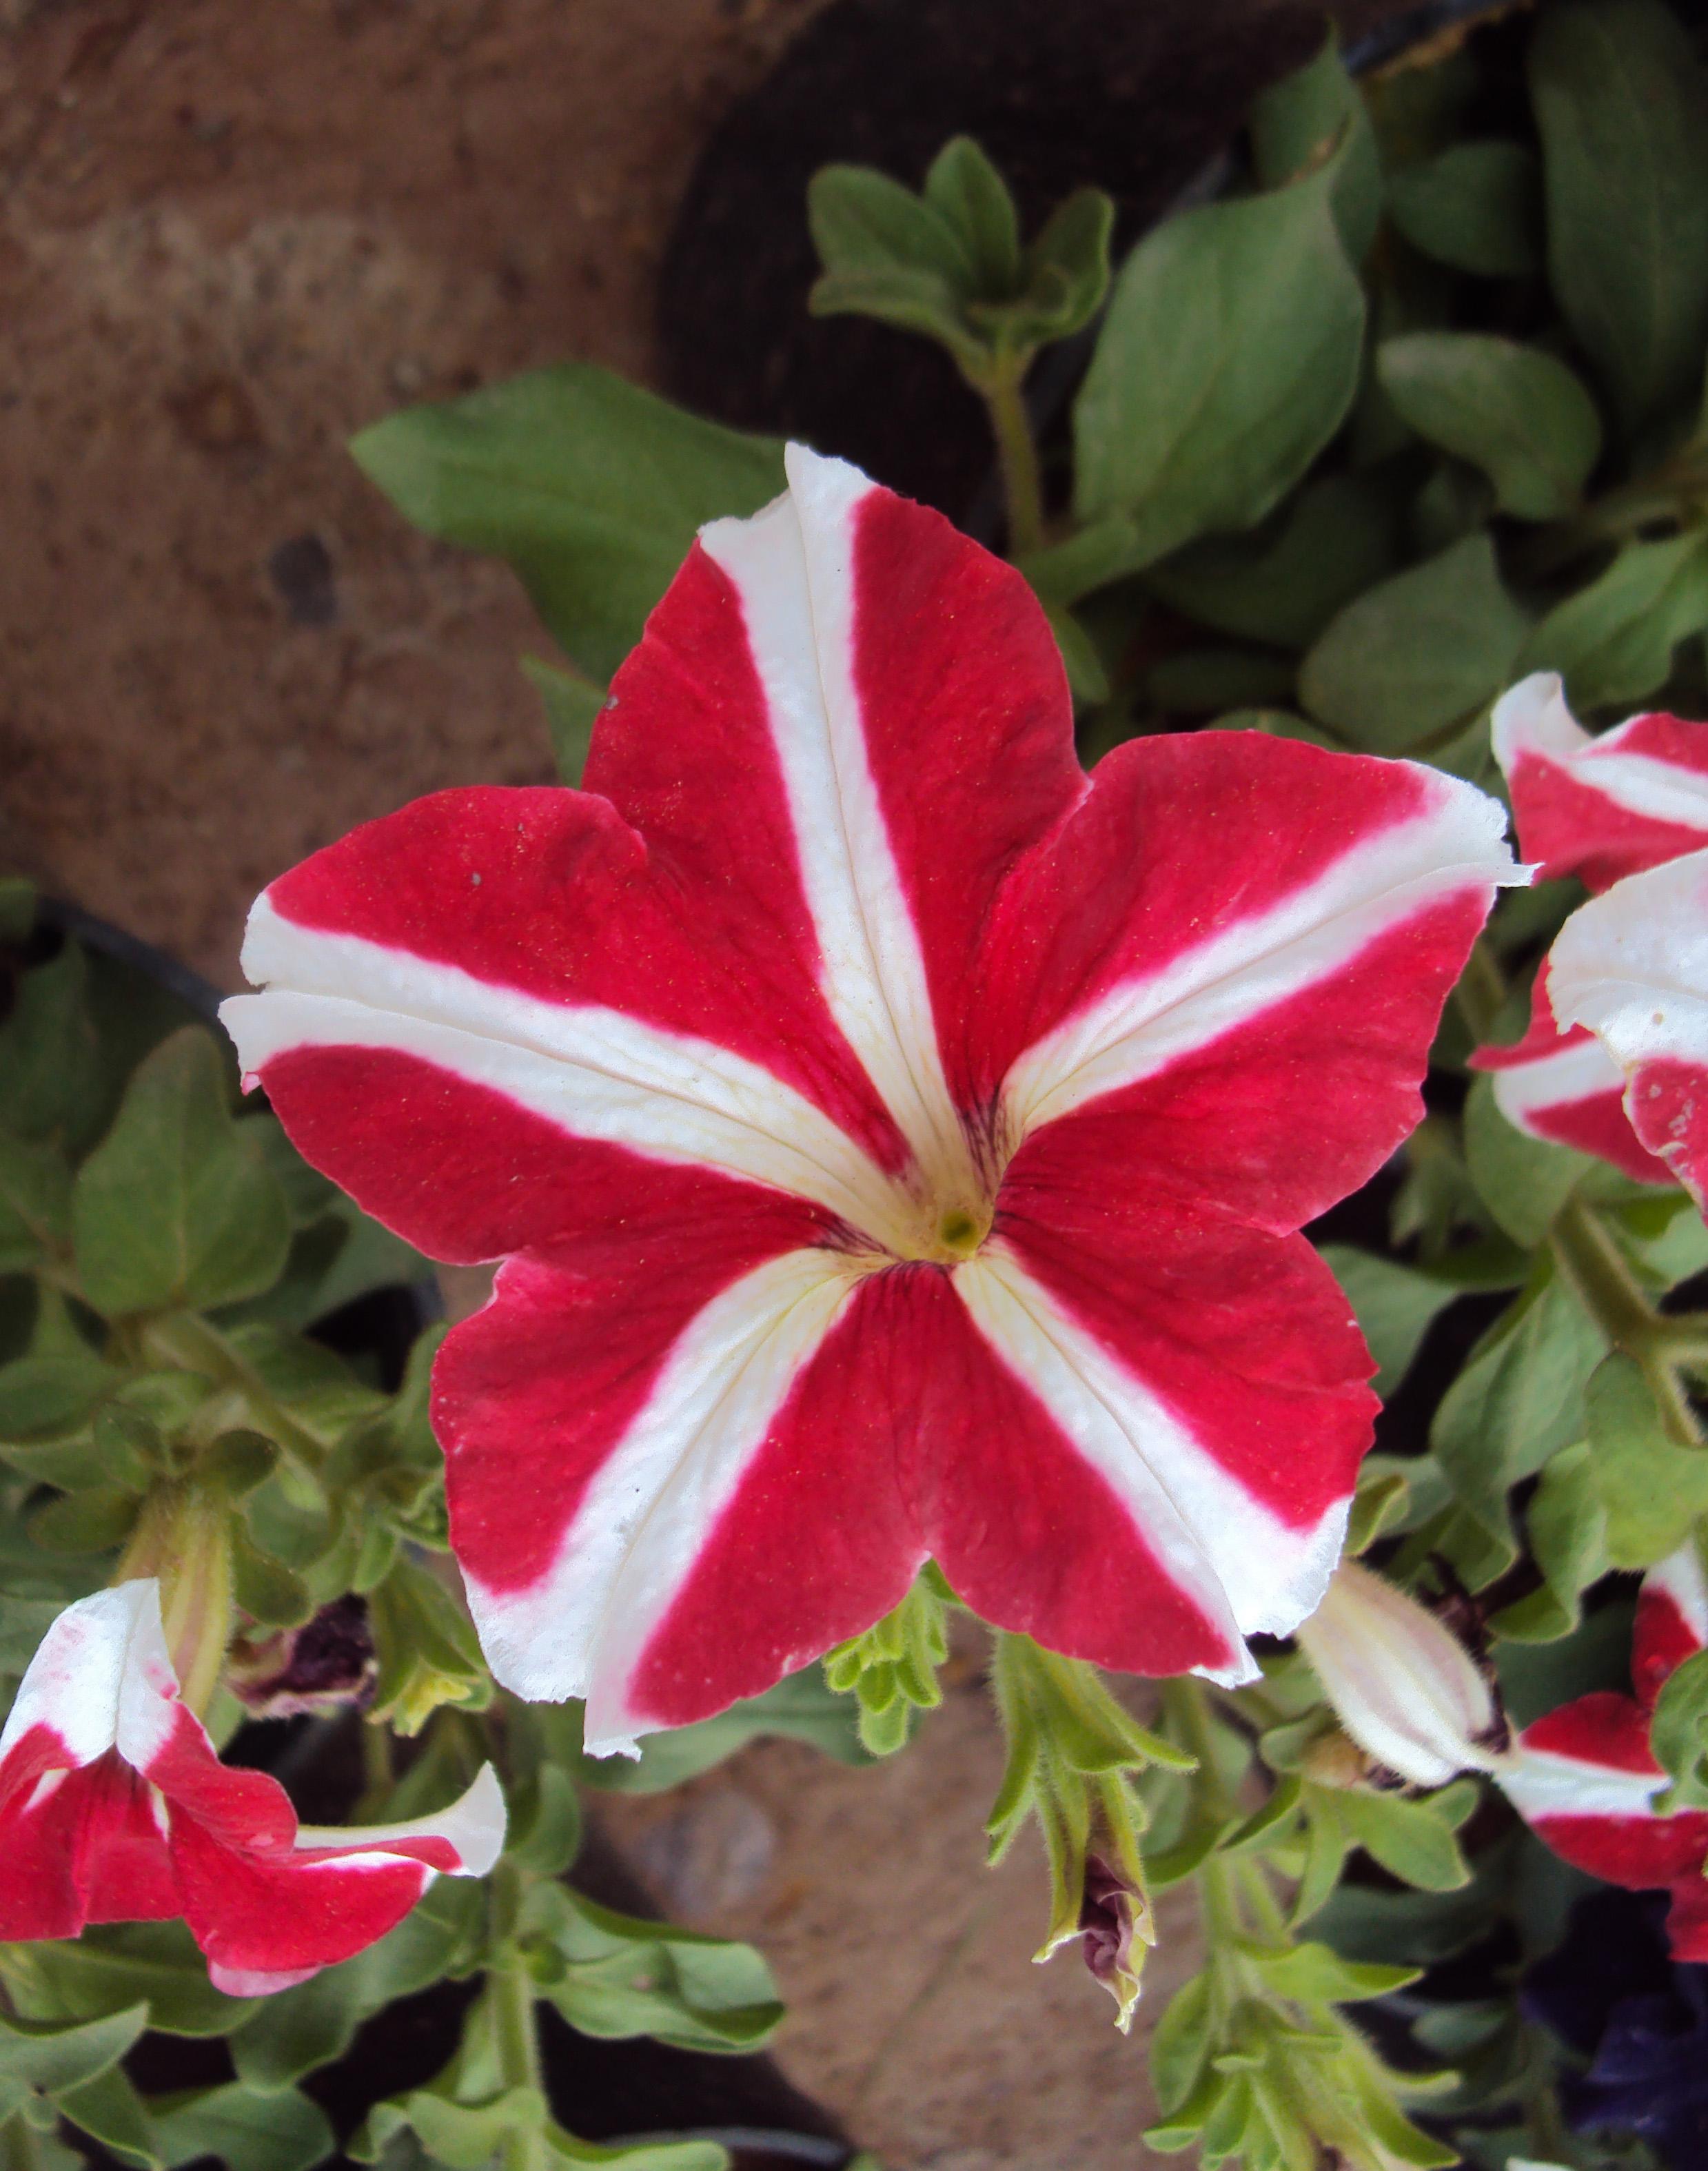 FileFlowers Uncategorised Garden plants 110JPG Wikimedia Commons